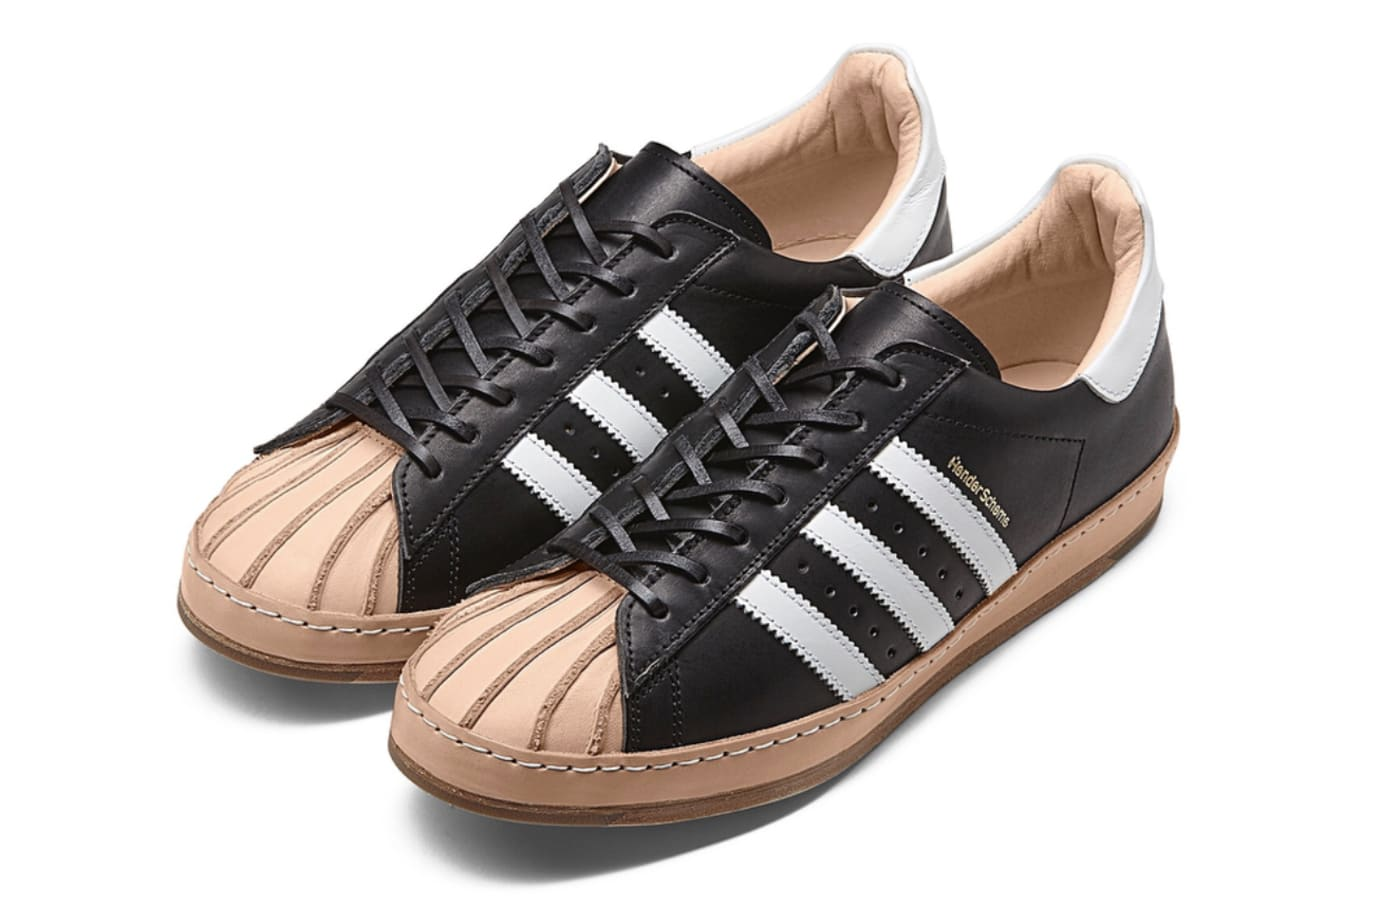 ba826ae42 Image via henderscheme · Hender Scheme x Adidas Superstar (Pair)